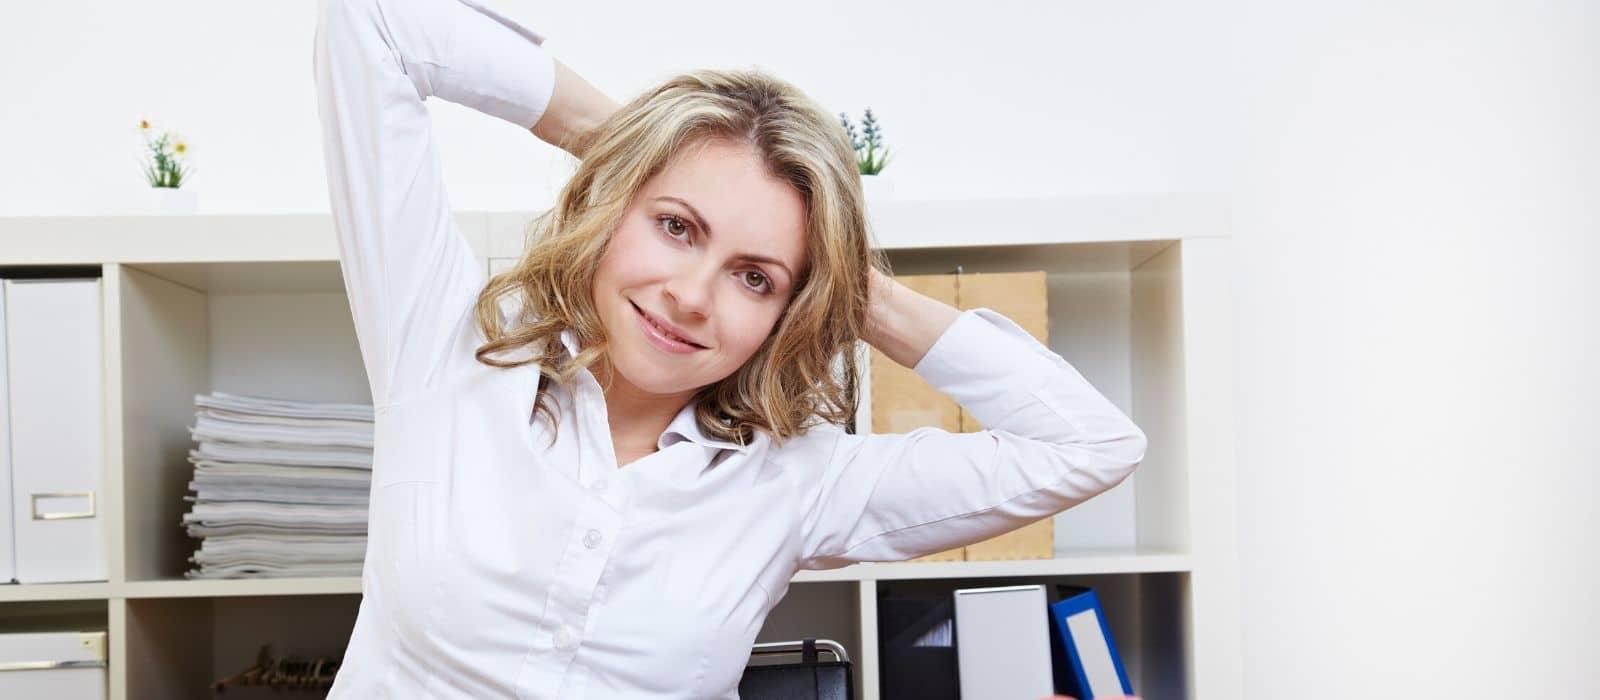 Das 4 Wochen Rücken-Fitness Programm für's Büro